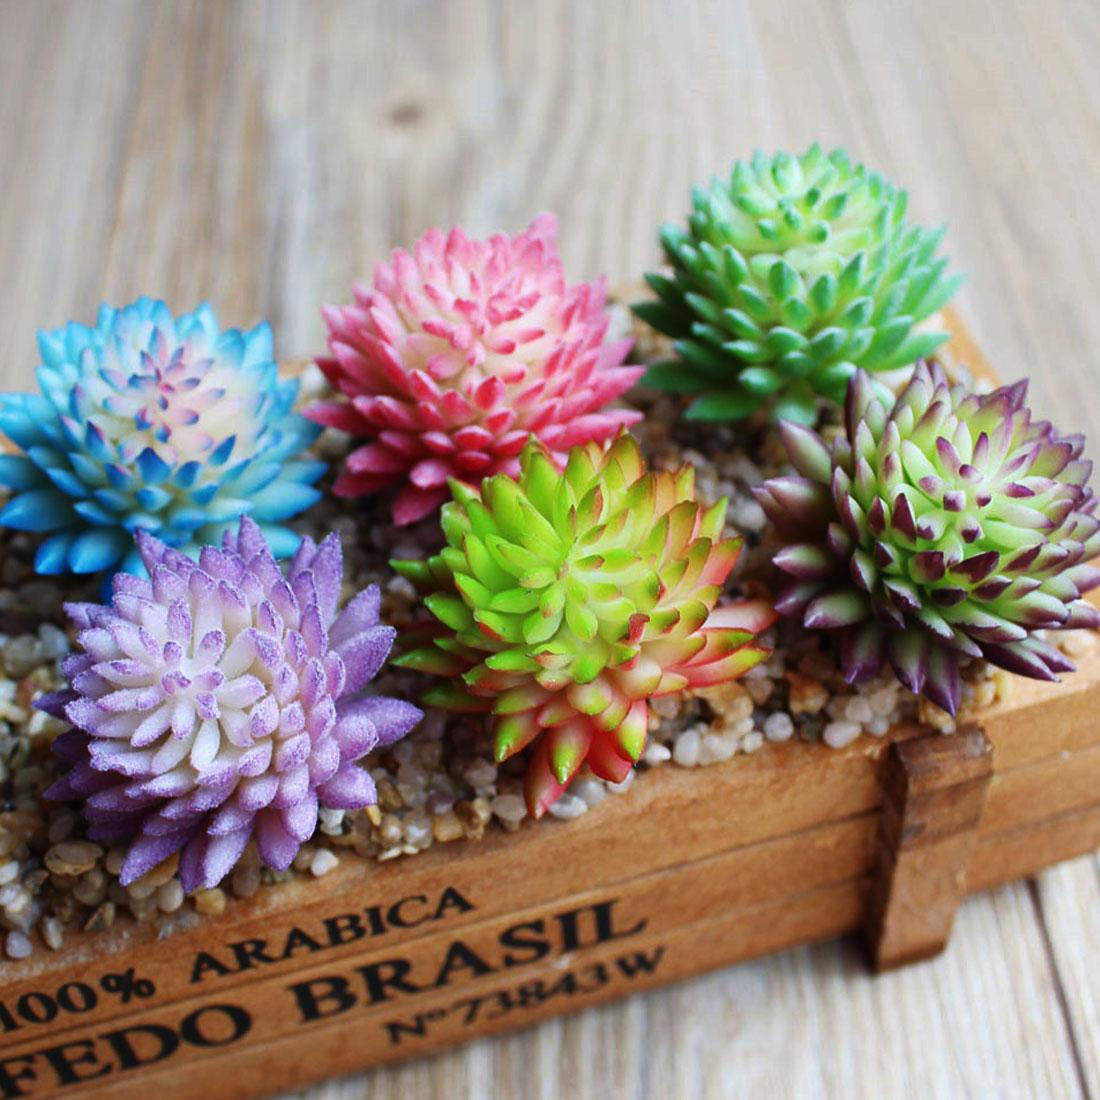 Artificial Lifelike Succulents Flower Home Decoration PVC Plant Garden Miniature Aloe Cactus DIY Home Floral Decorative Flower